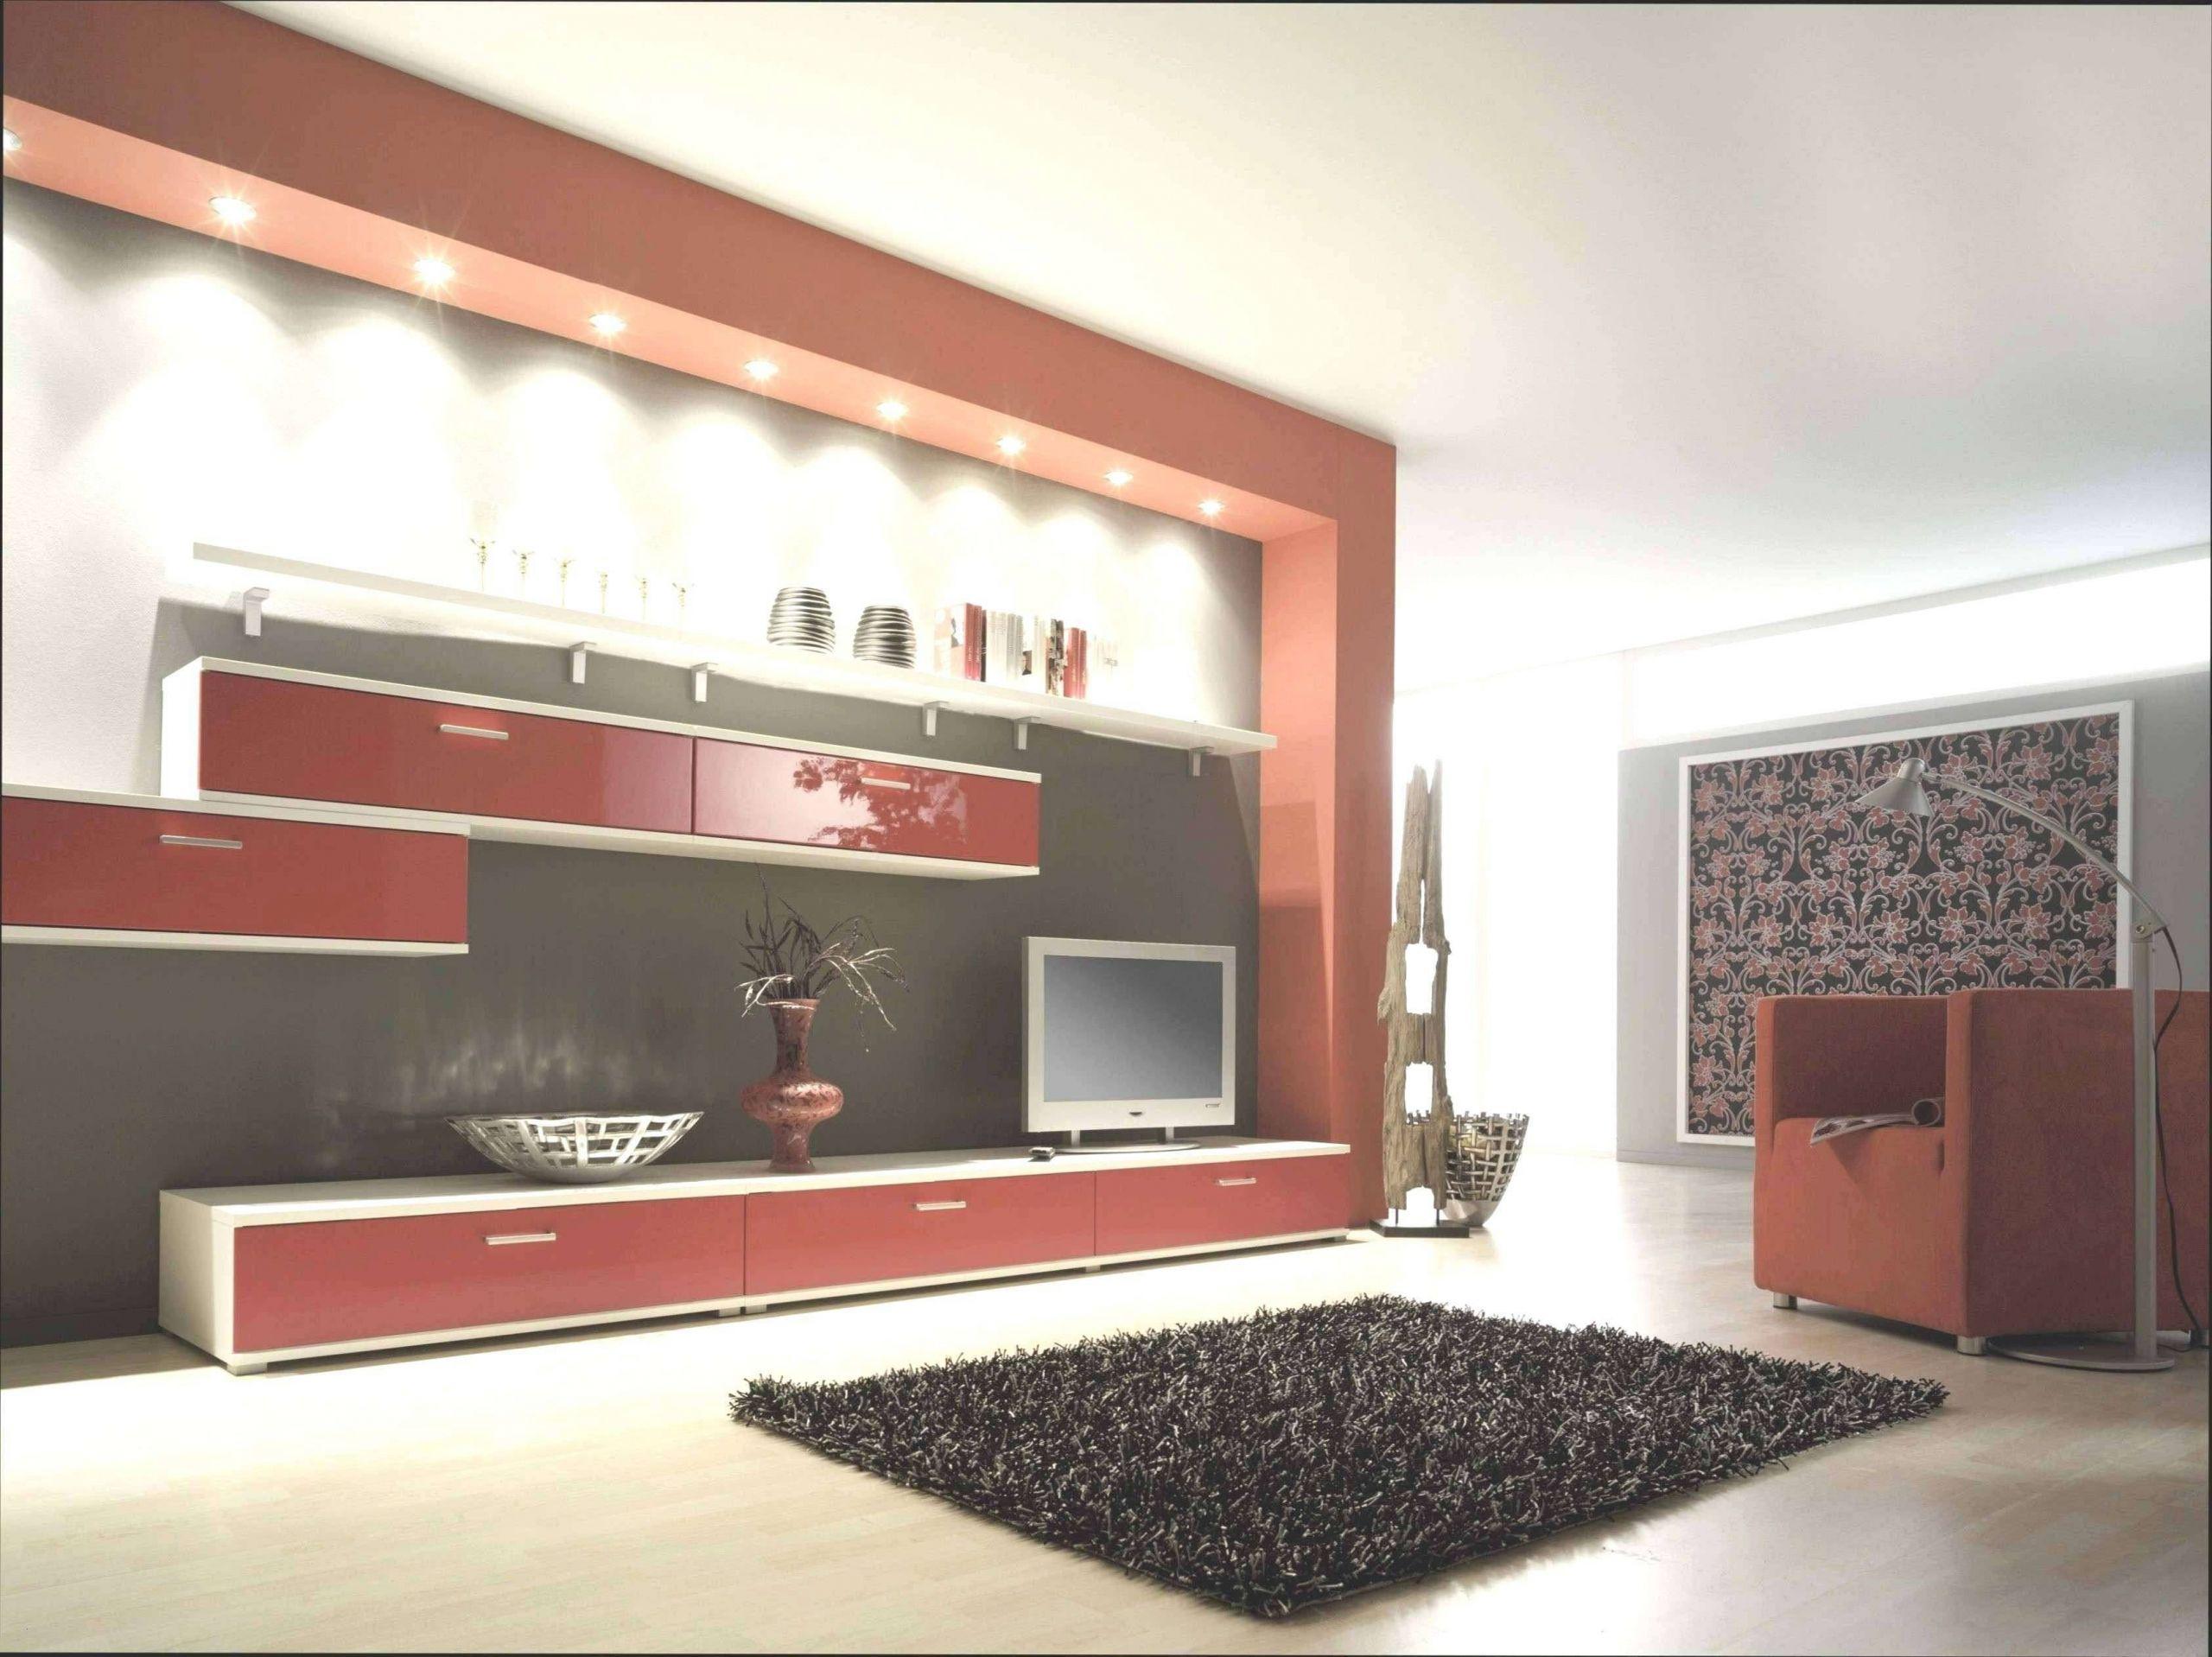 wohnzimmer deko grau weis elegant 42 frisch baume fur den garten bild of wohnzimmer deko grau weis